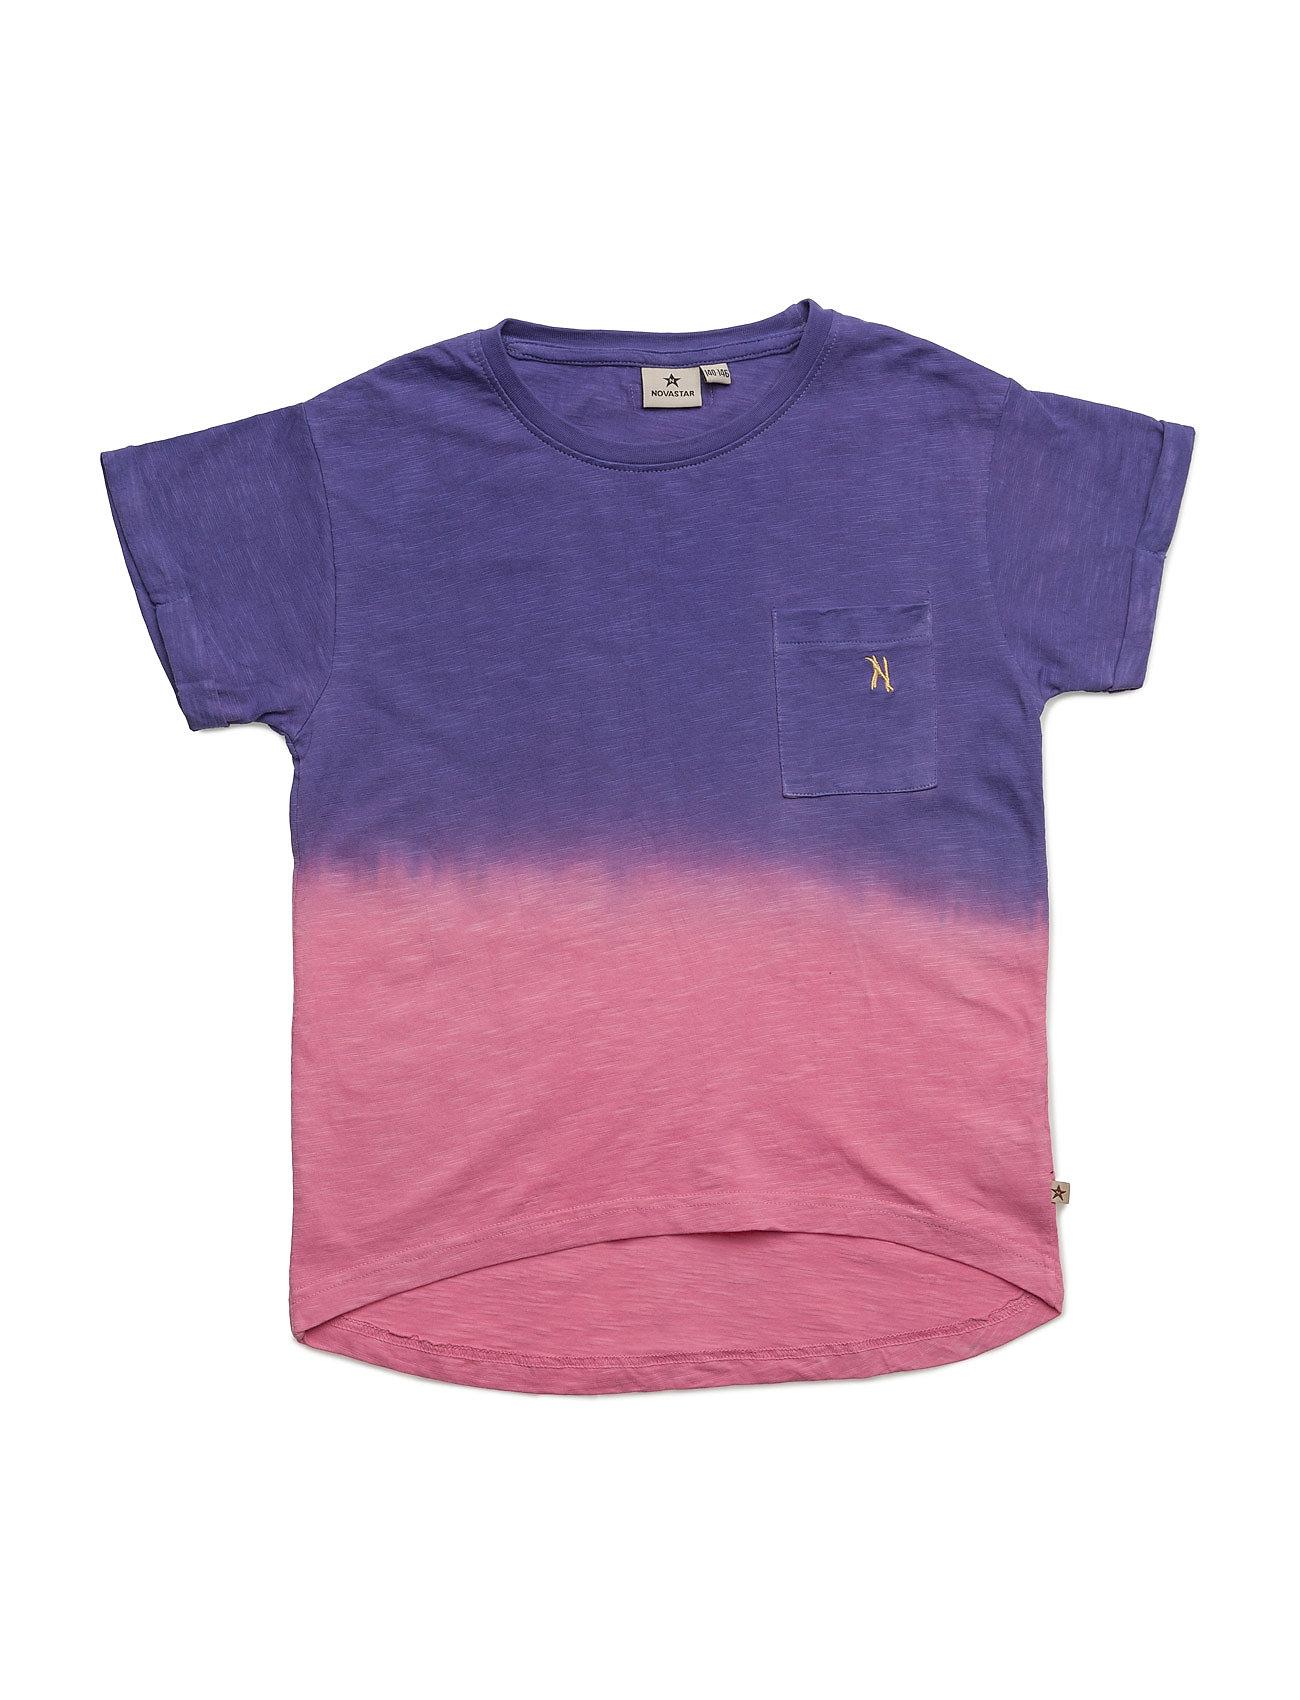 Dip Dyed Purple T NOVA STAR Kortærmede t-shirts til Børn i Lilla